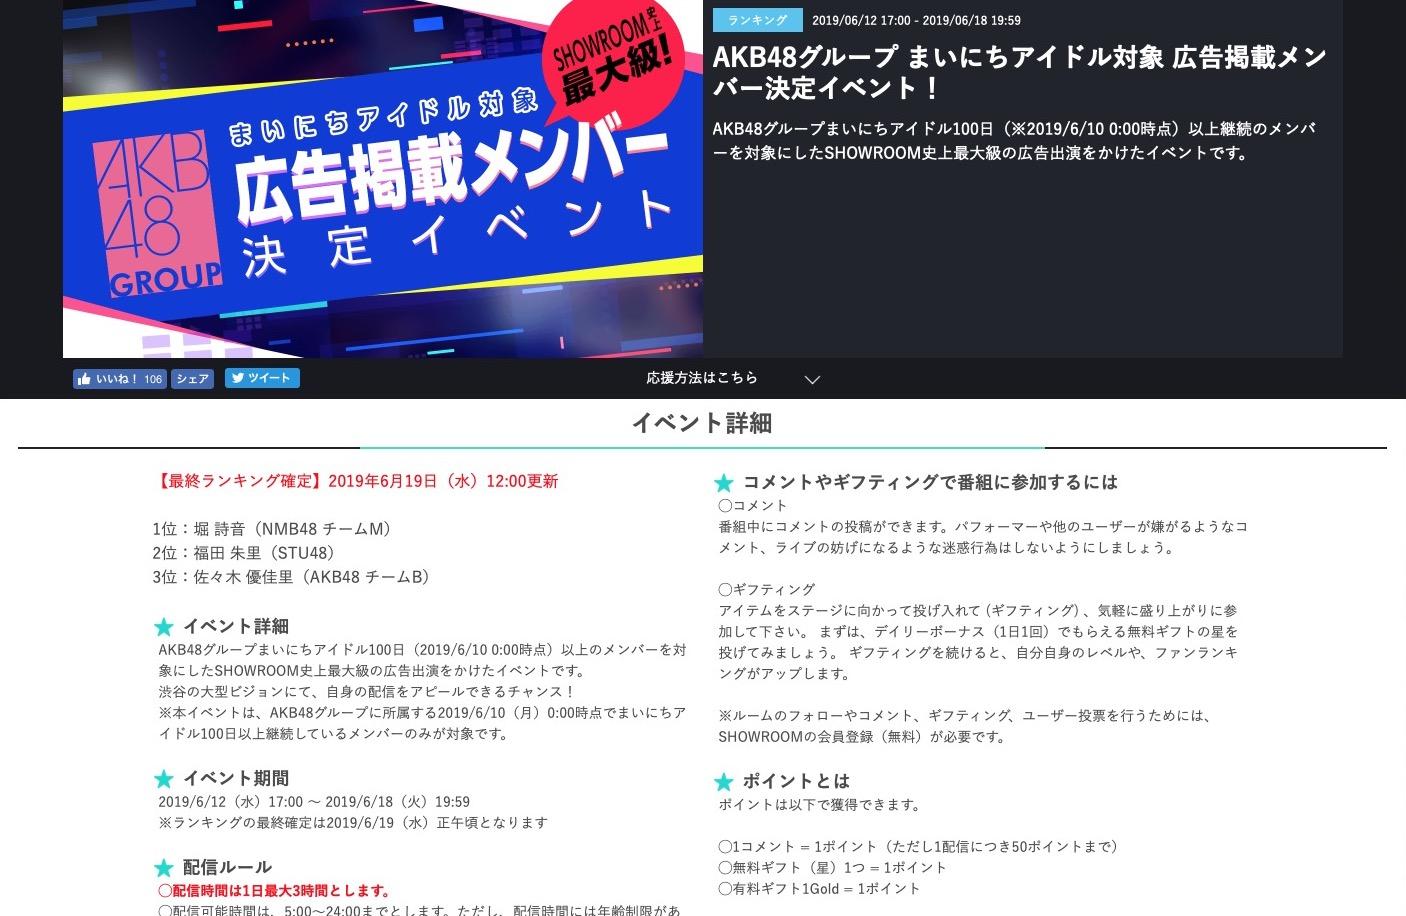 【堀詩音】SHOWROOM「広告掲載メンバー決定イベント」最終結果・しおんの1位が決定。